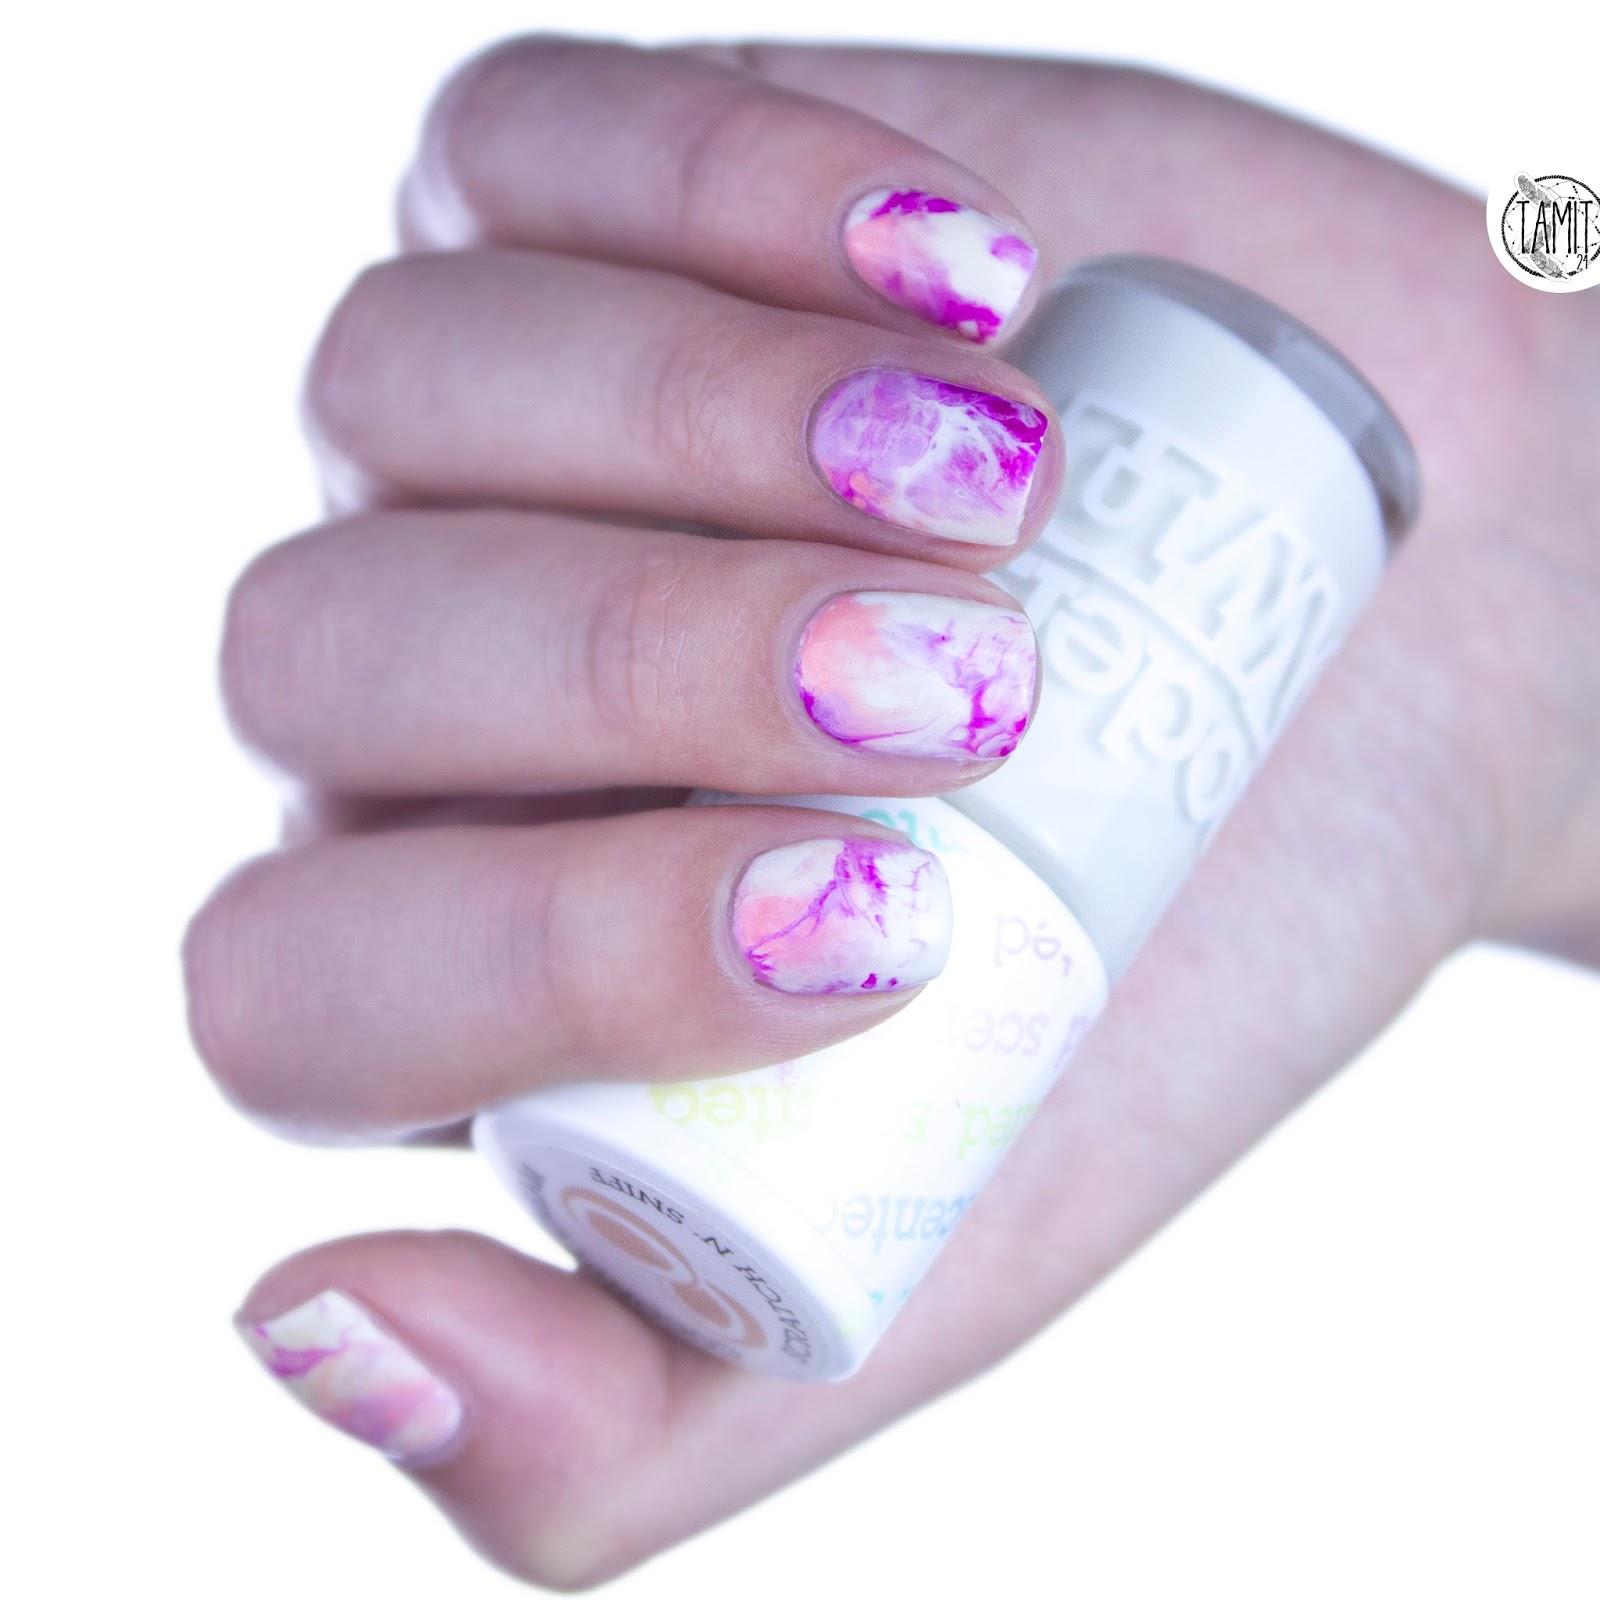 Cotton Candy Nail Polish La Carte: Fall In ...naiLove!: Pastel Marble Nails